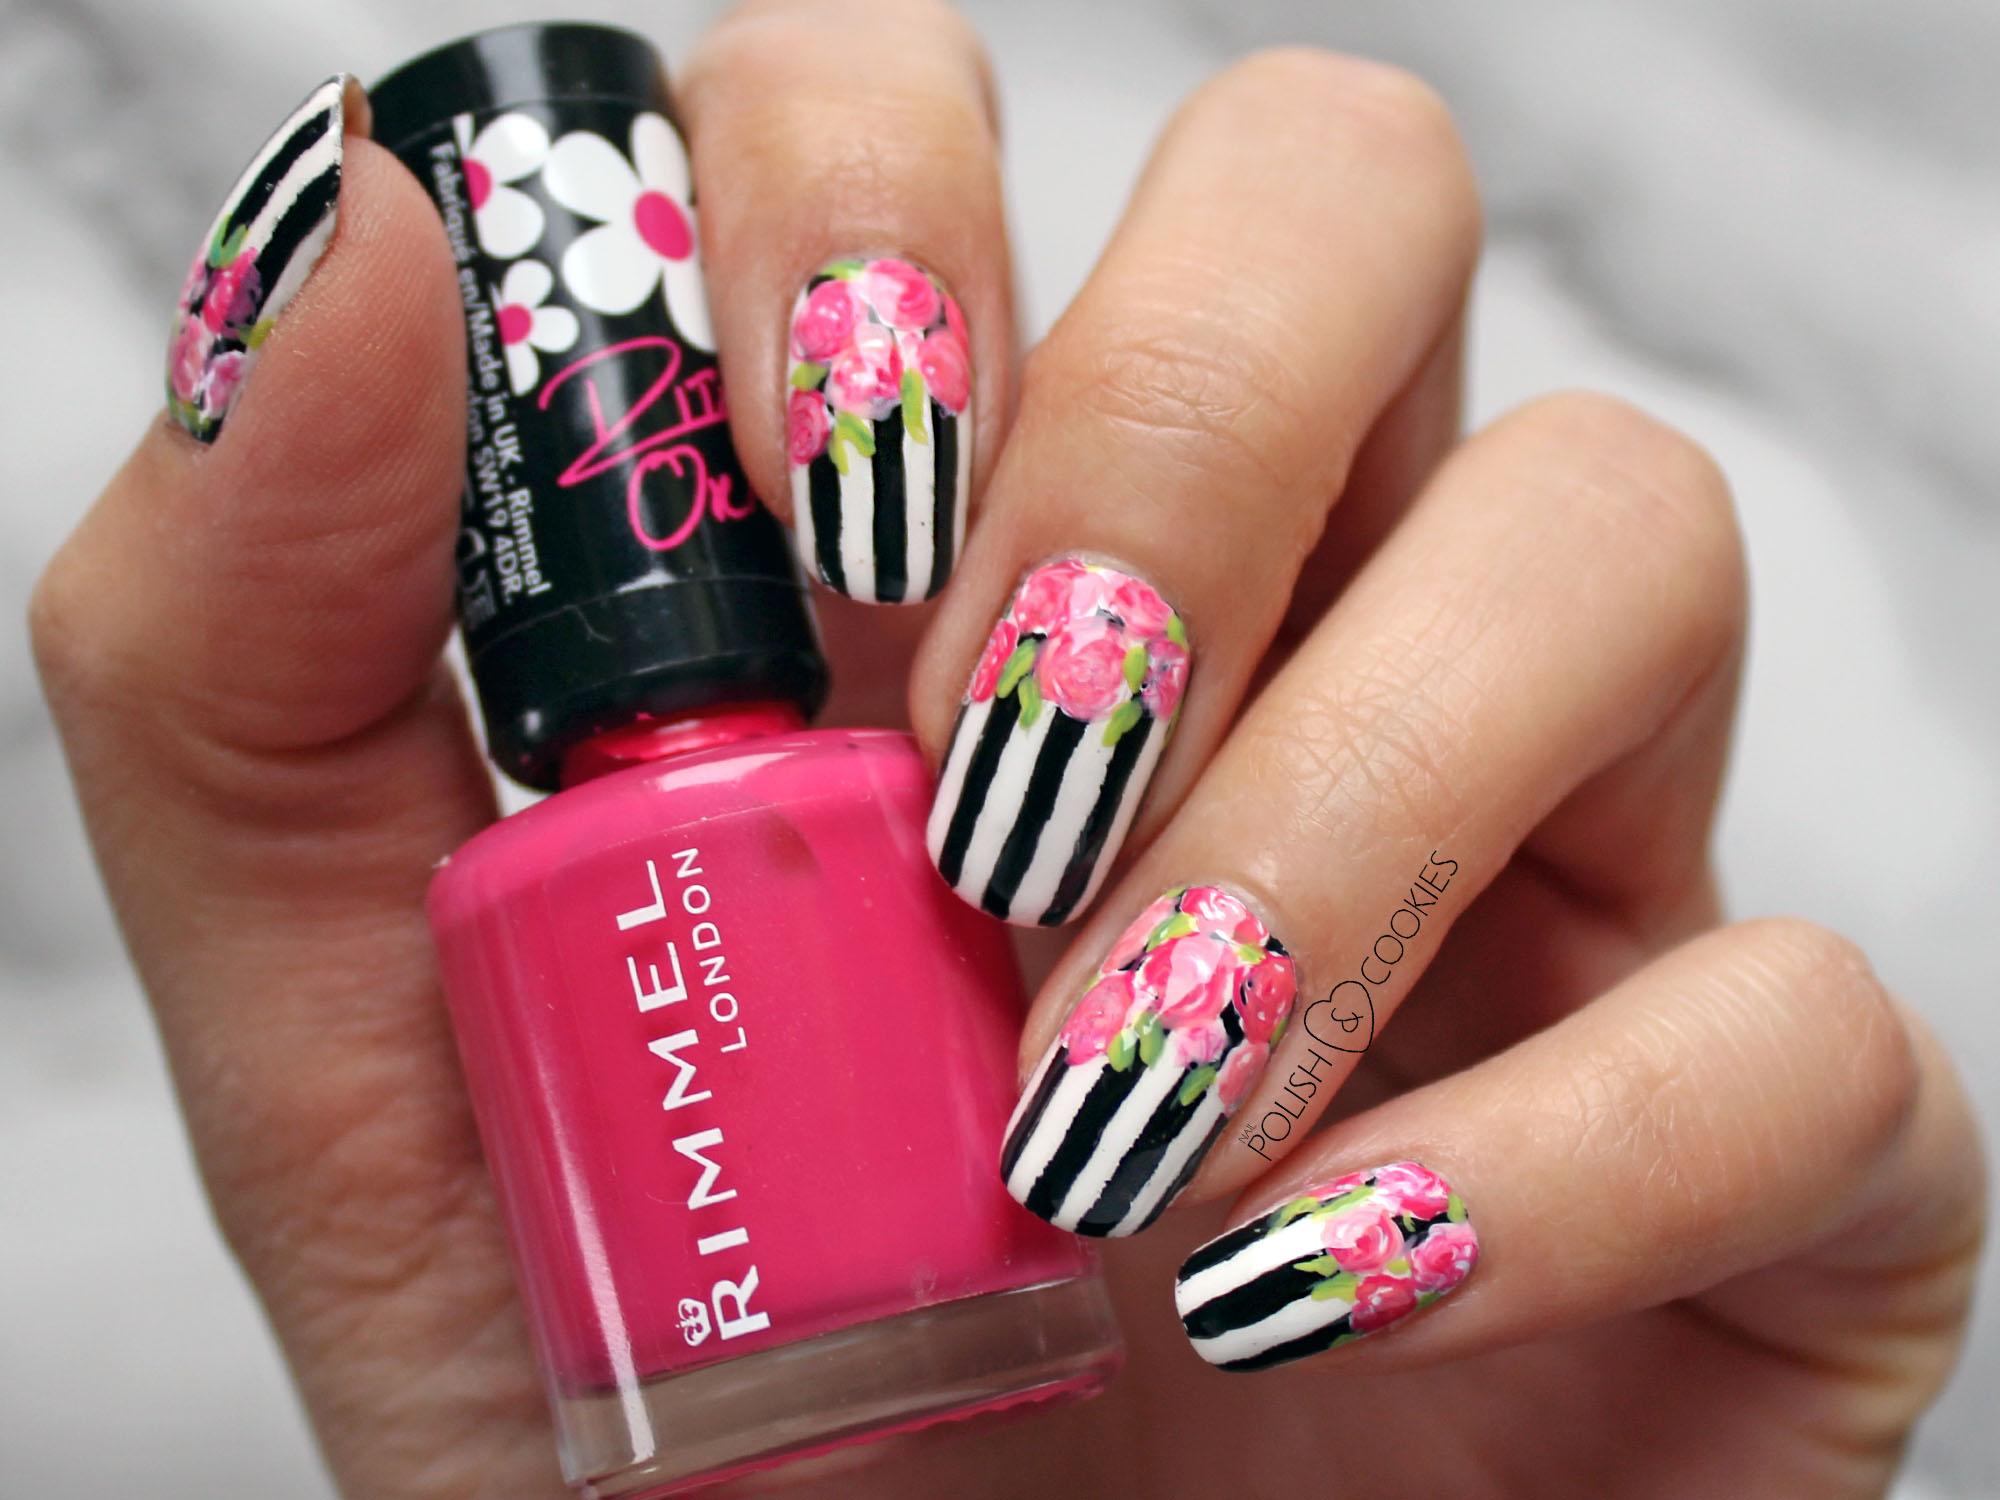 paski i roze na paznokciach